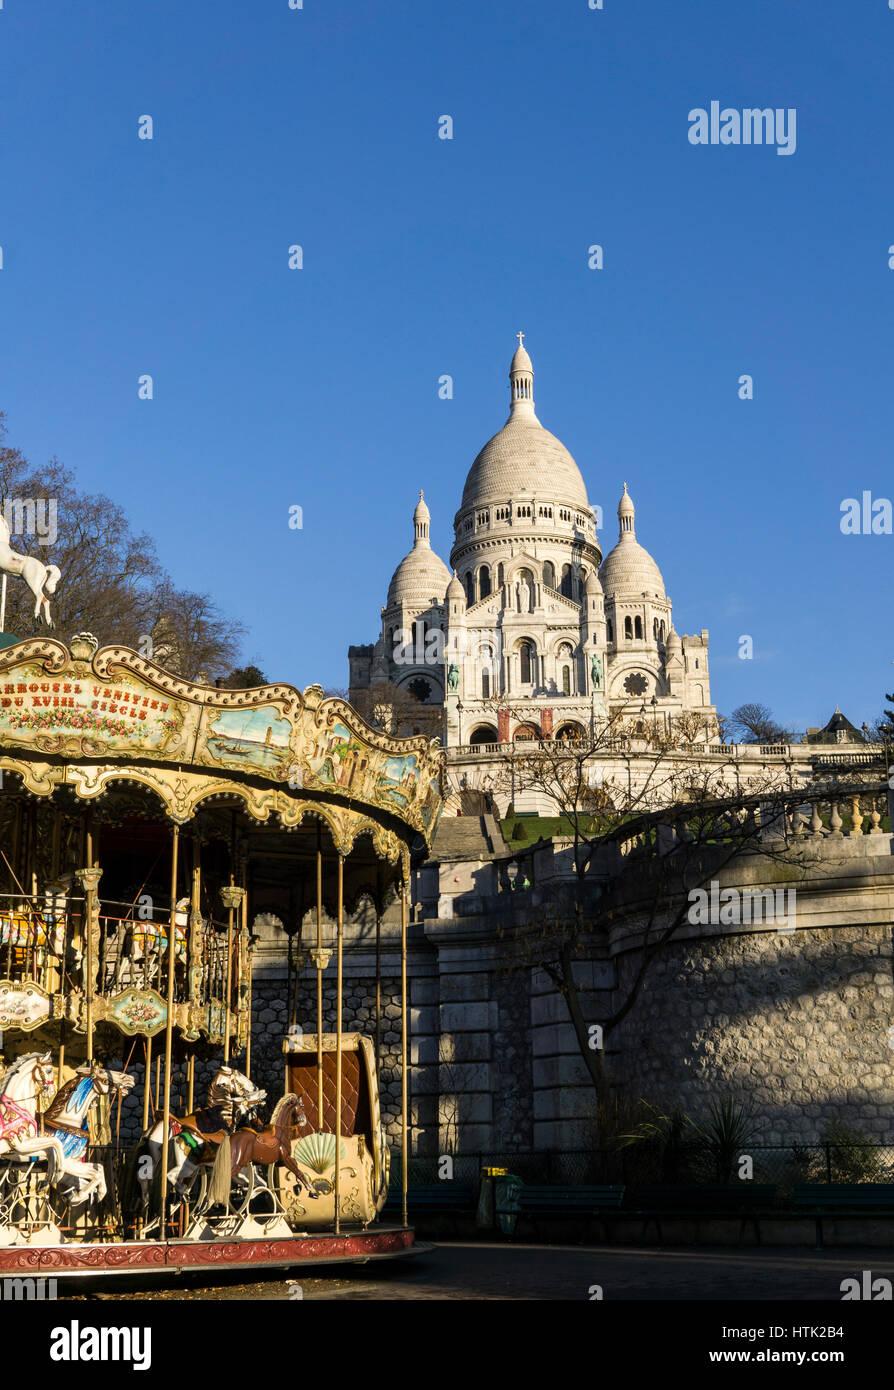 La basilica del Sacro Cuore di Parigi (1875-1914), Francia. Immagini Stock